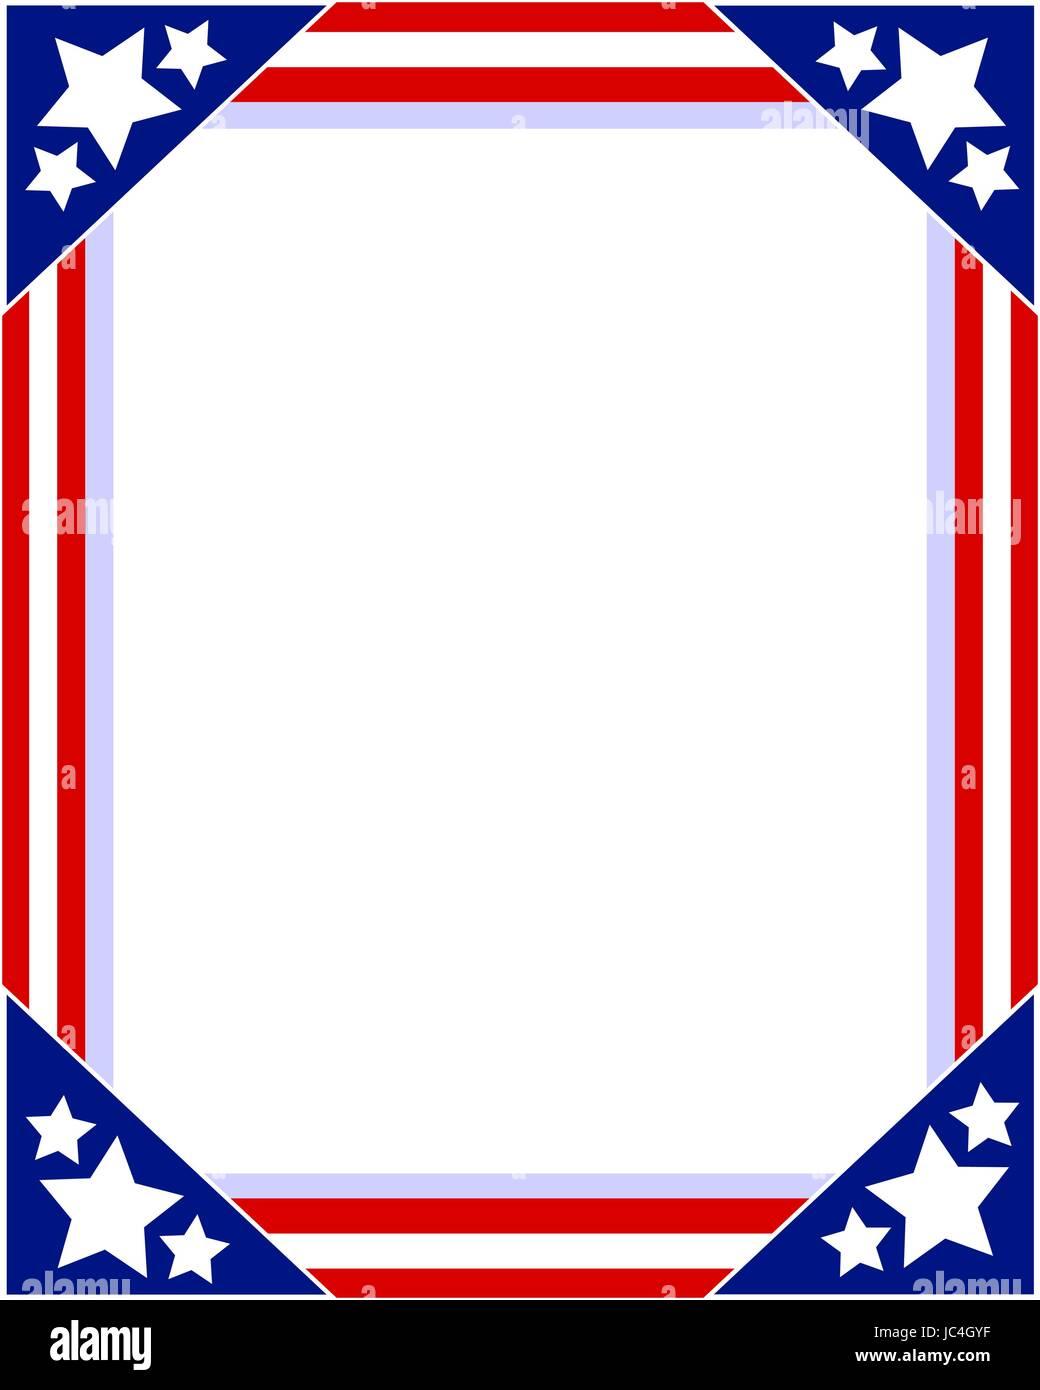 Ausgezeichnet Patriotischer Nummernschildrahmen Fotos ...